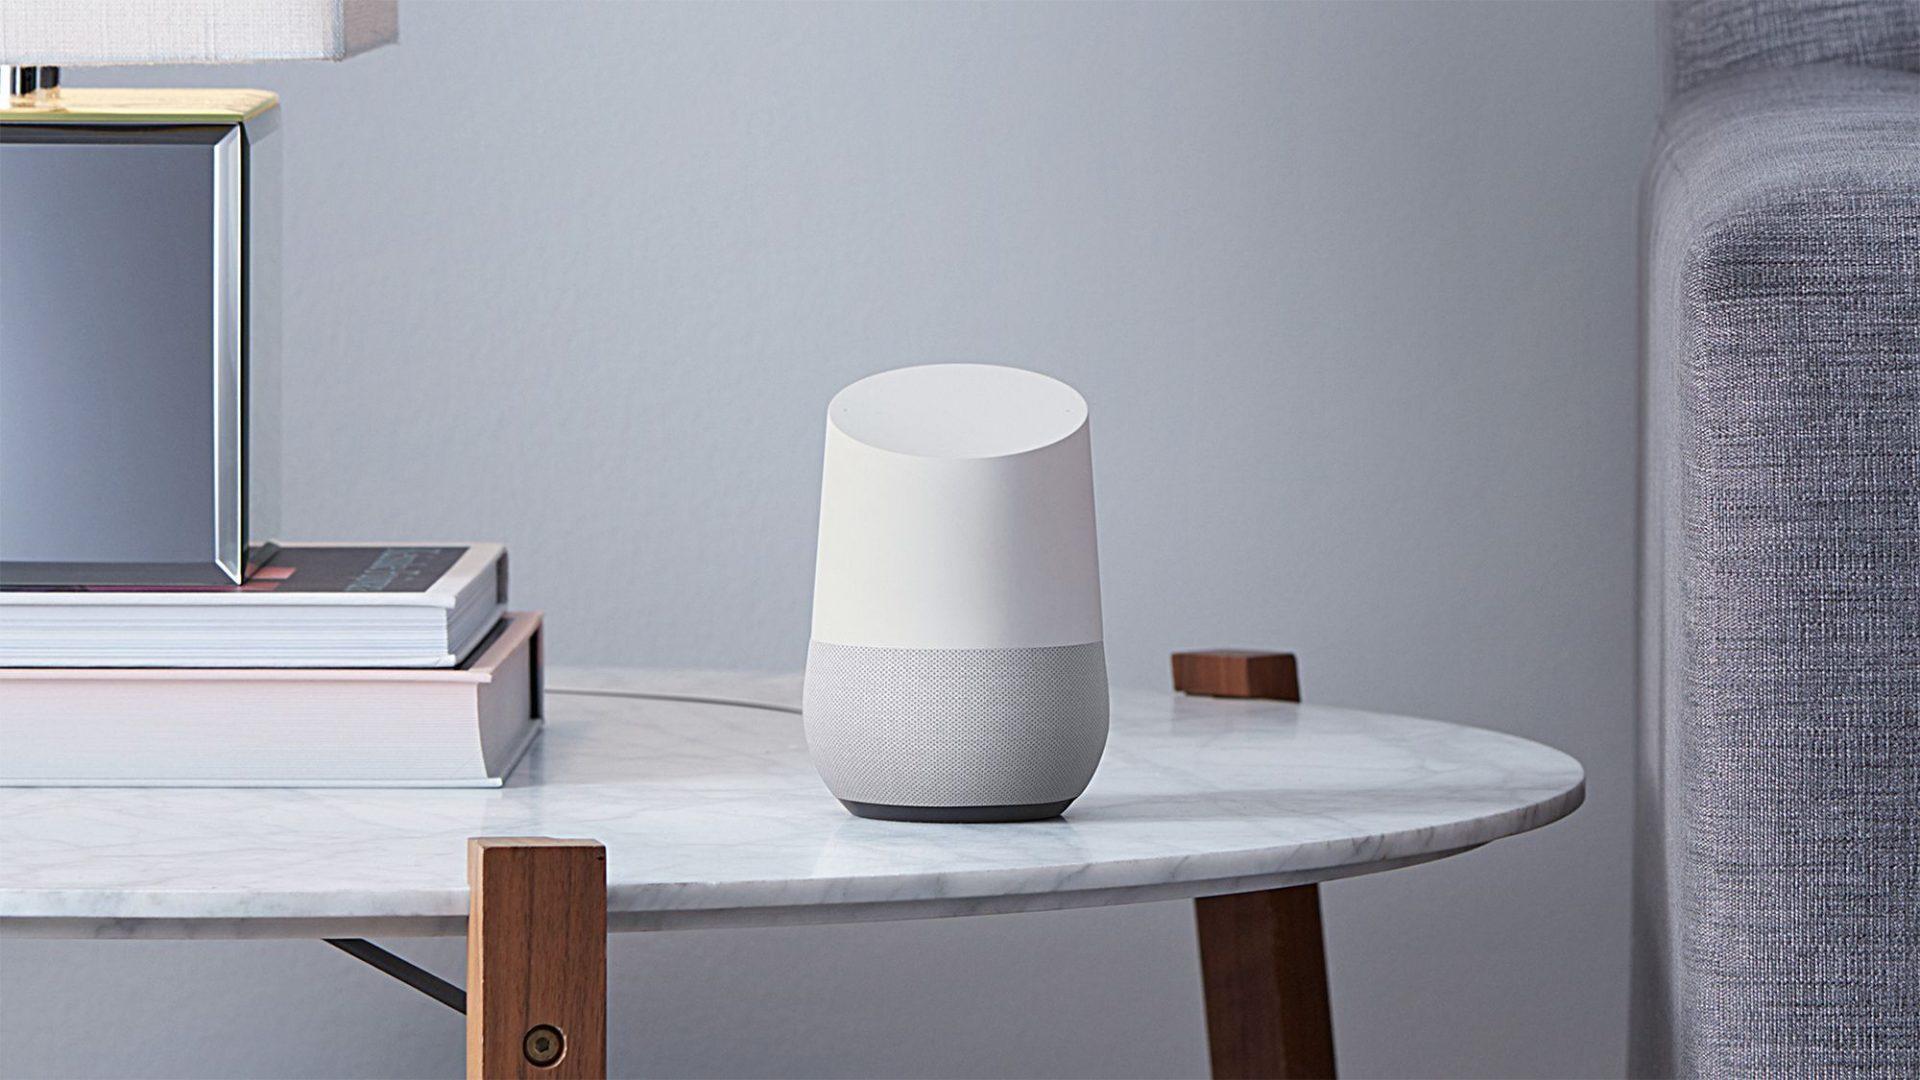 Nyhet  - – Därför blir Google Home det nästa stora - Ljud   Bild 9b3e9af14a028